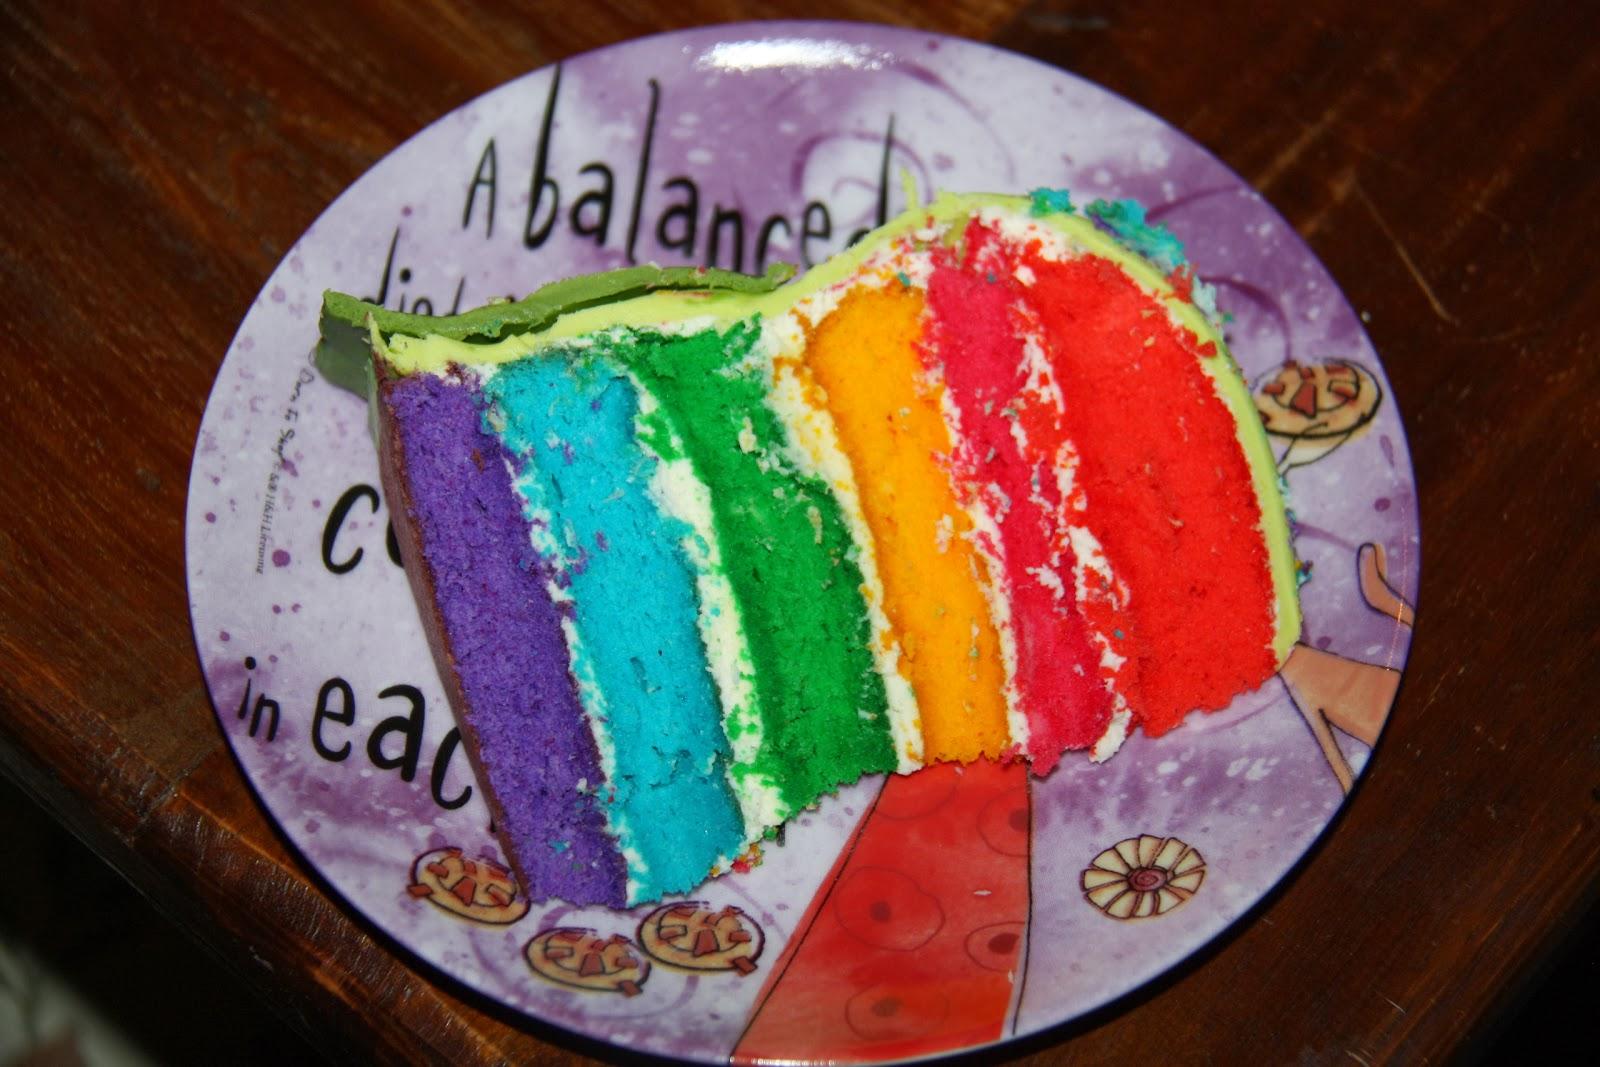 prijs taart 30 personen DeKoekBoetiek: My little pony taart prijs taart 30 personen